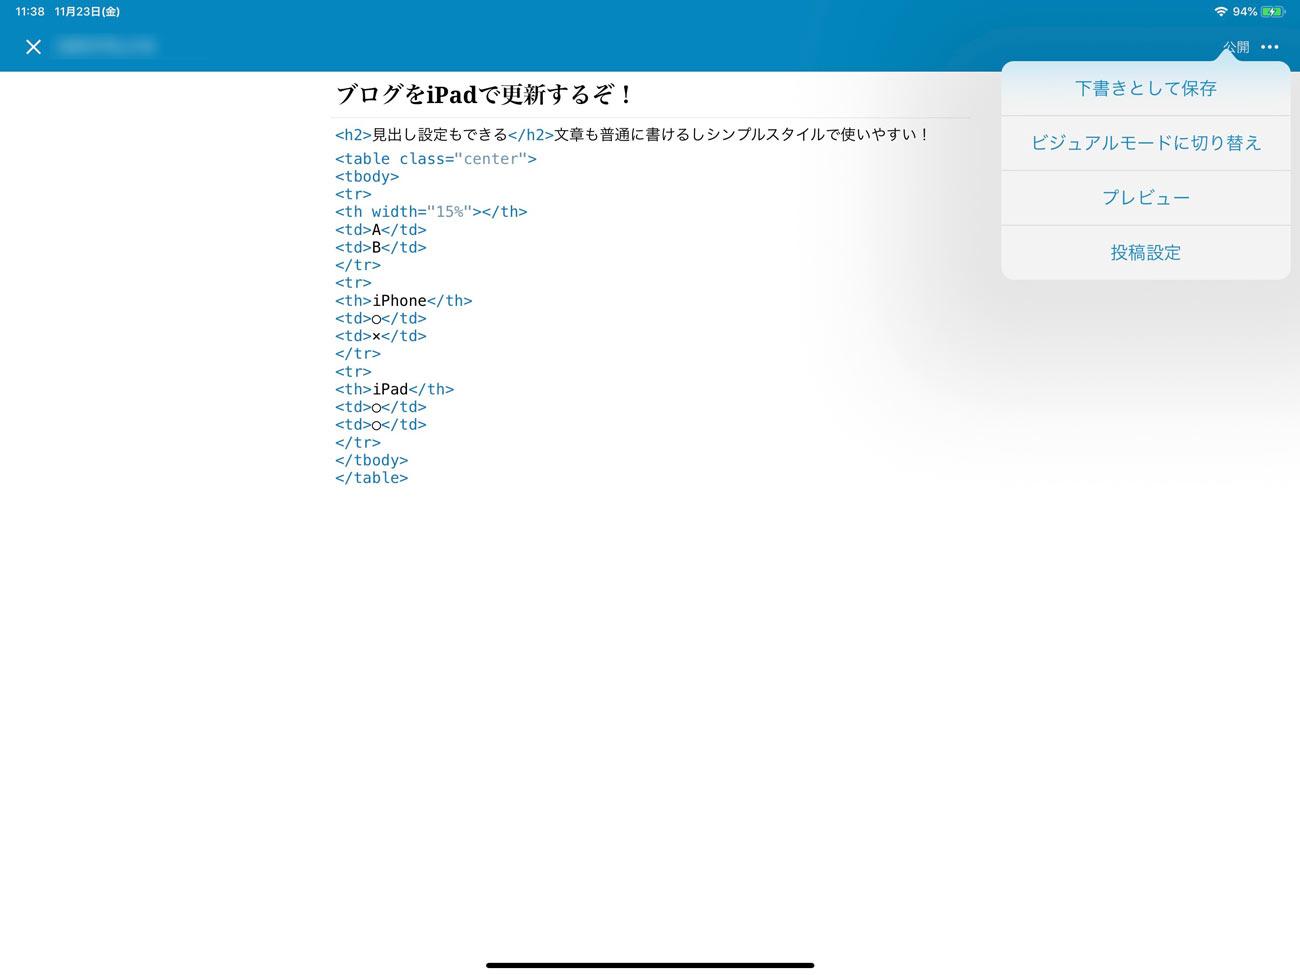 iPad版ワードプレスのアプリ HTMLモード